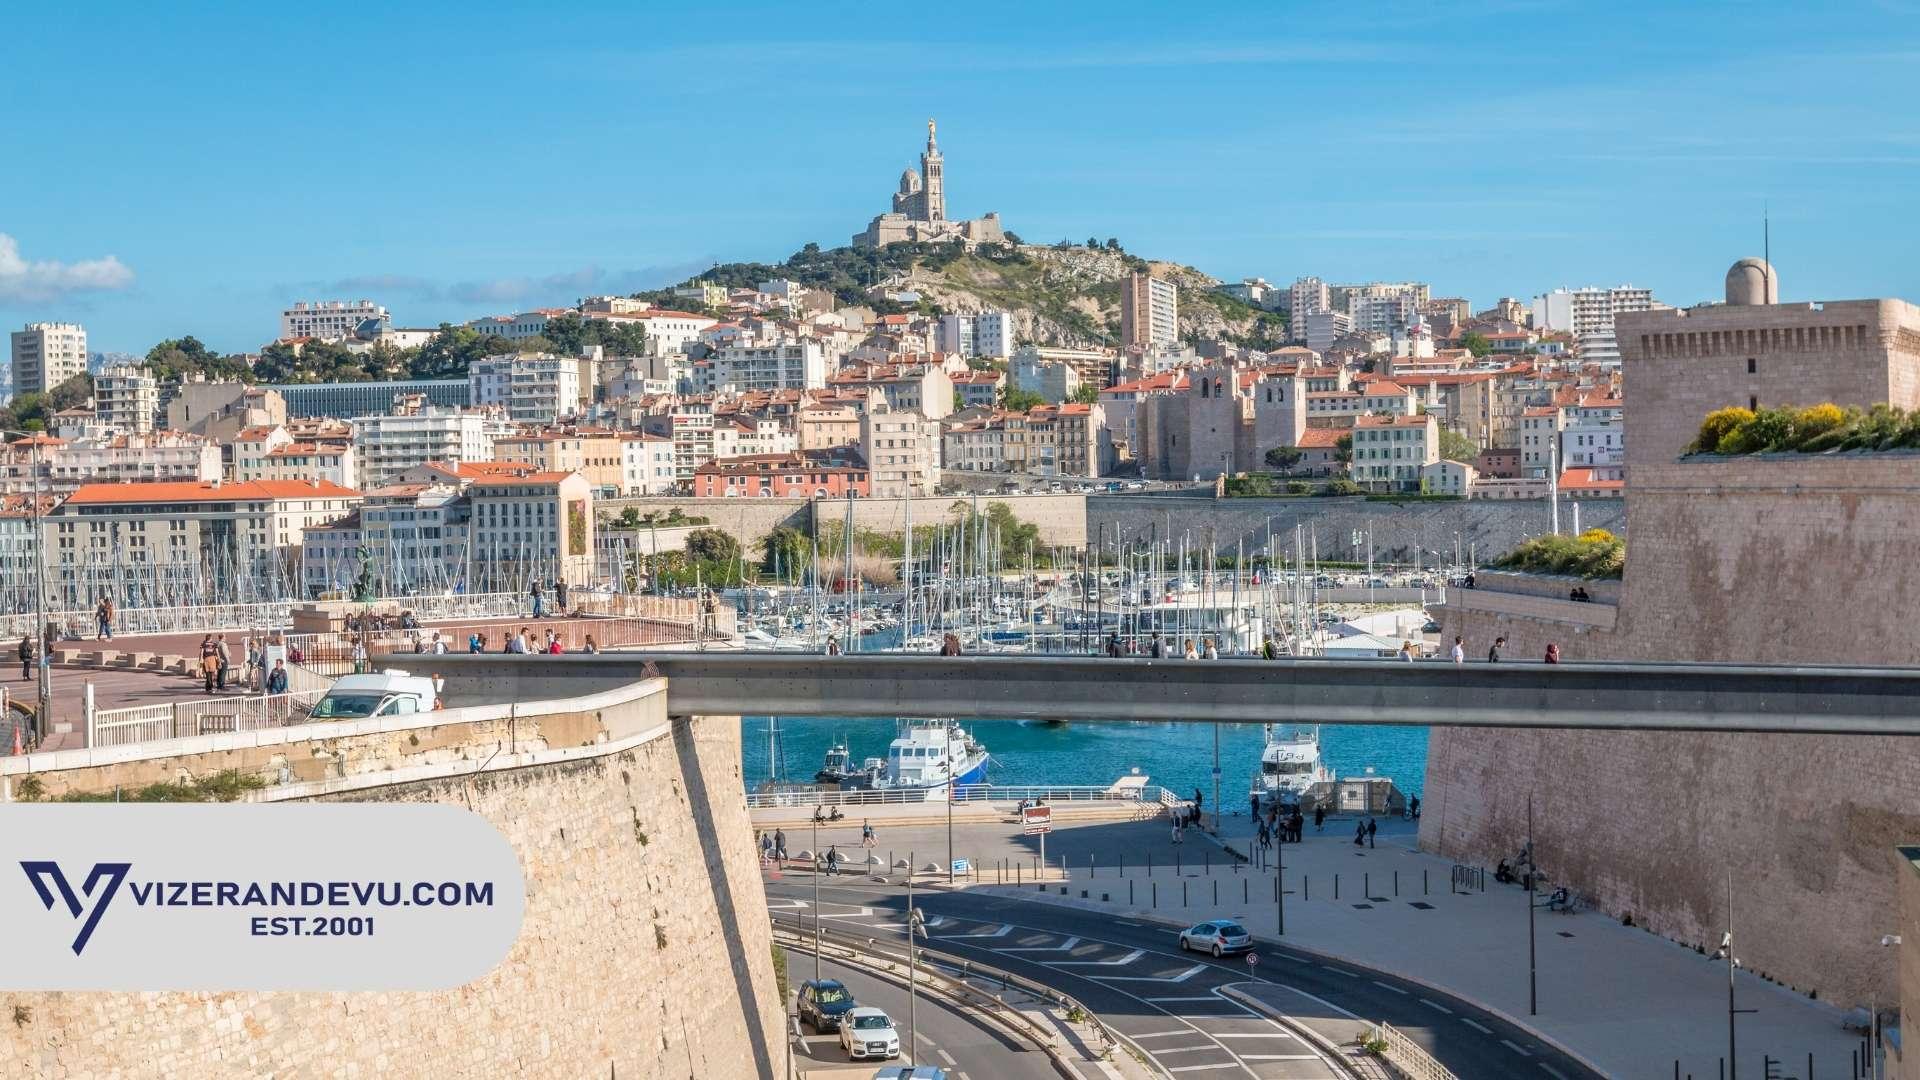 Fransa'da Çalışmak İçin Ne Yapmalıyım?